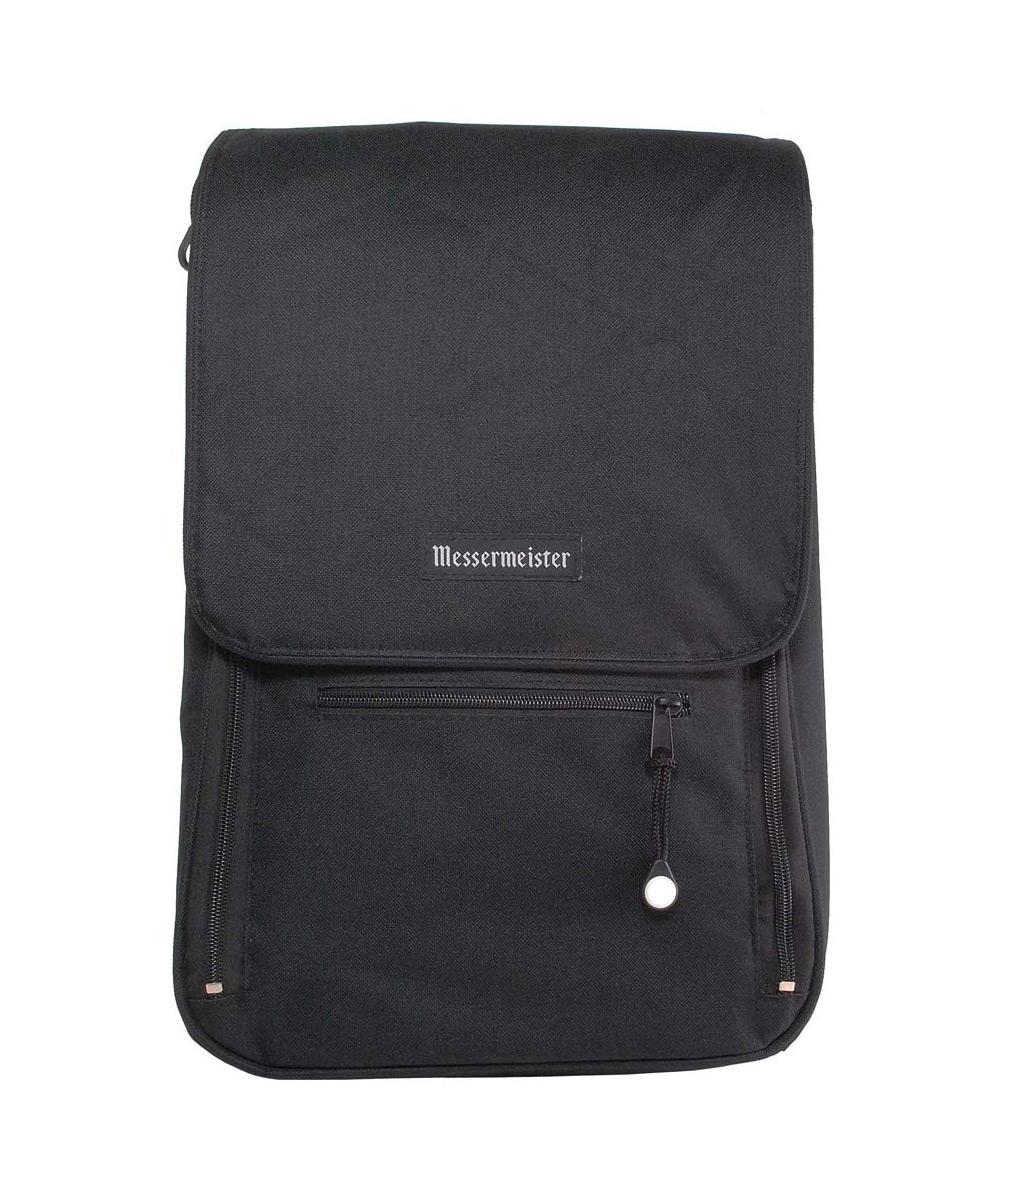 Messermeister 6-Pocket Messenger Knife Bag Cases & Storage